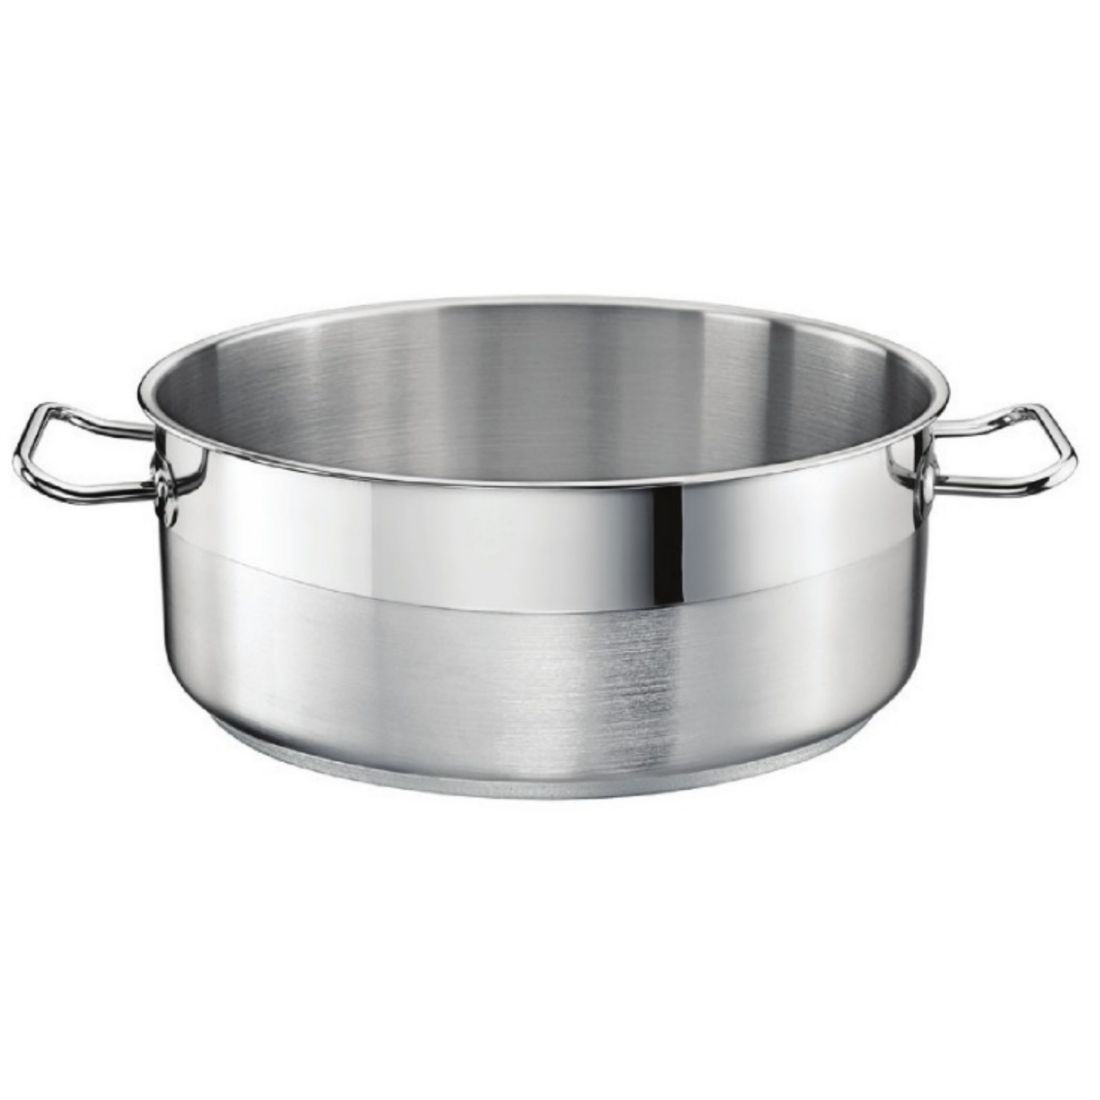 Hrnec nízký TOMGAST Silver 20,0 l